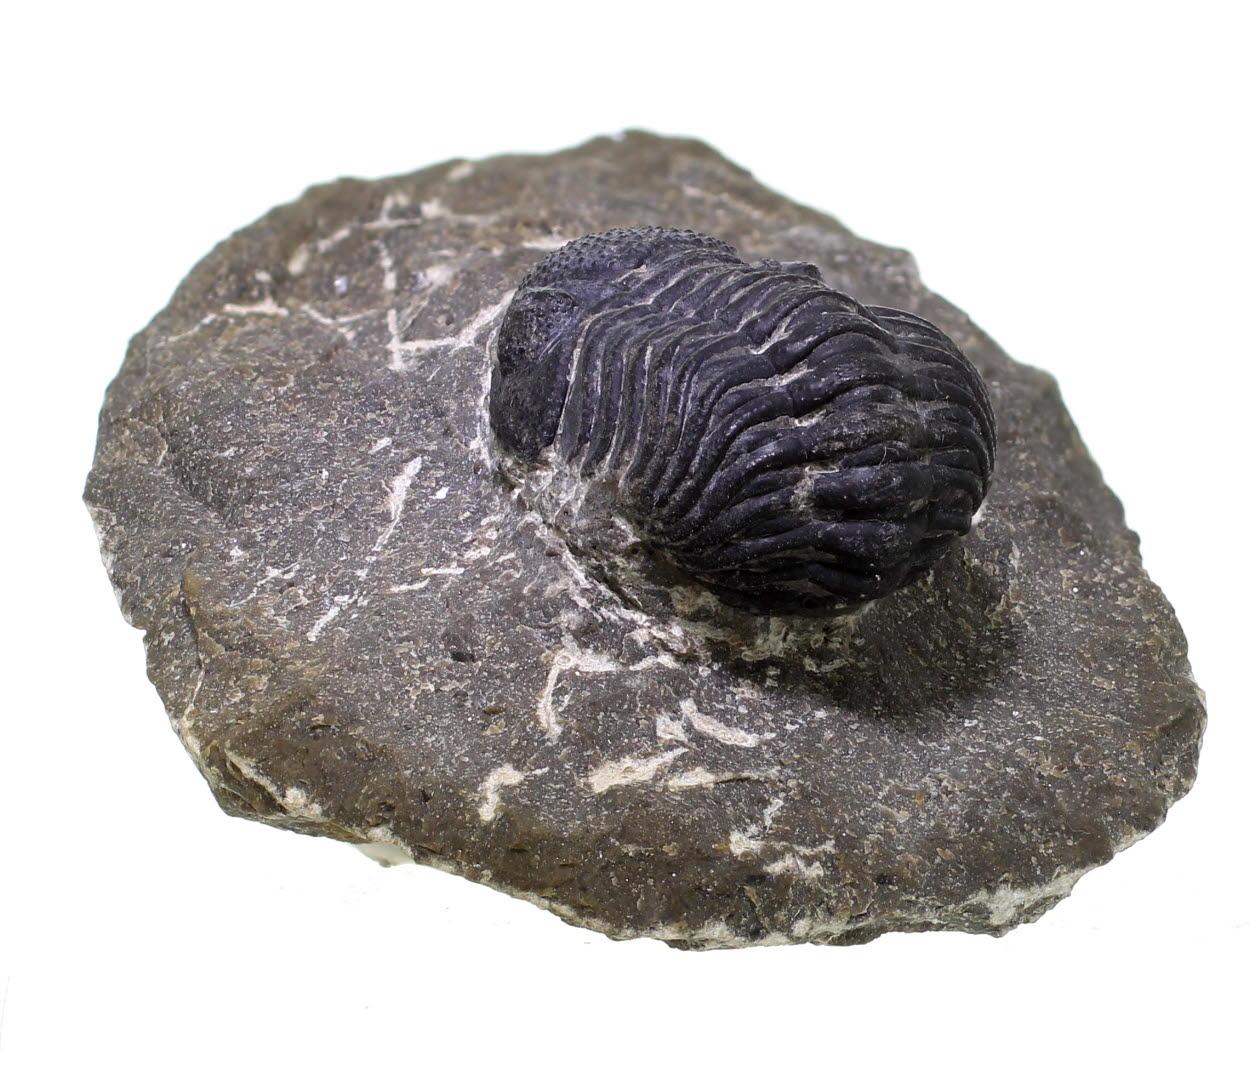 Trilobite - Phacops Pleyitus